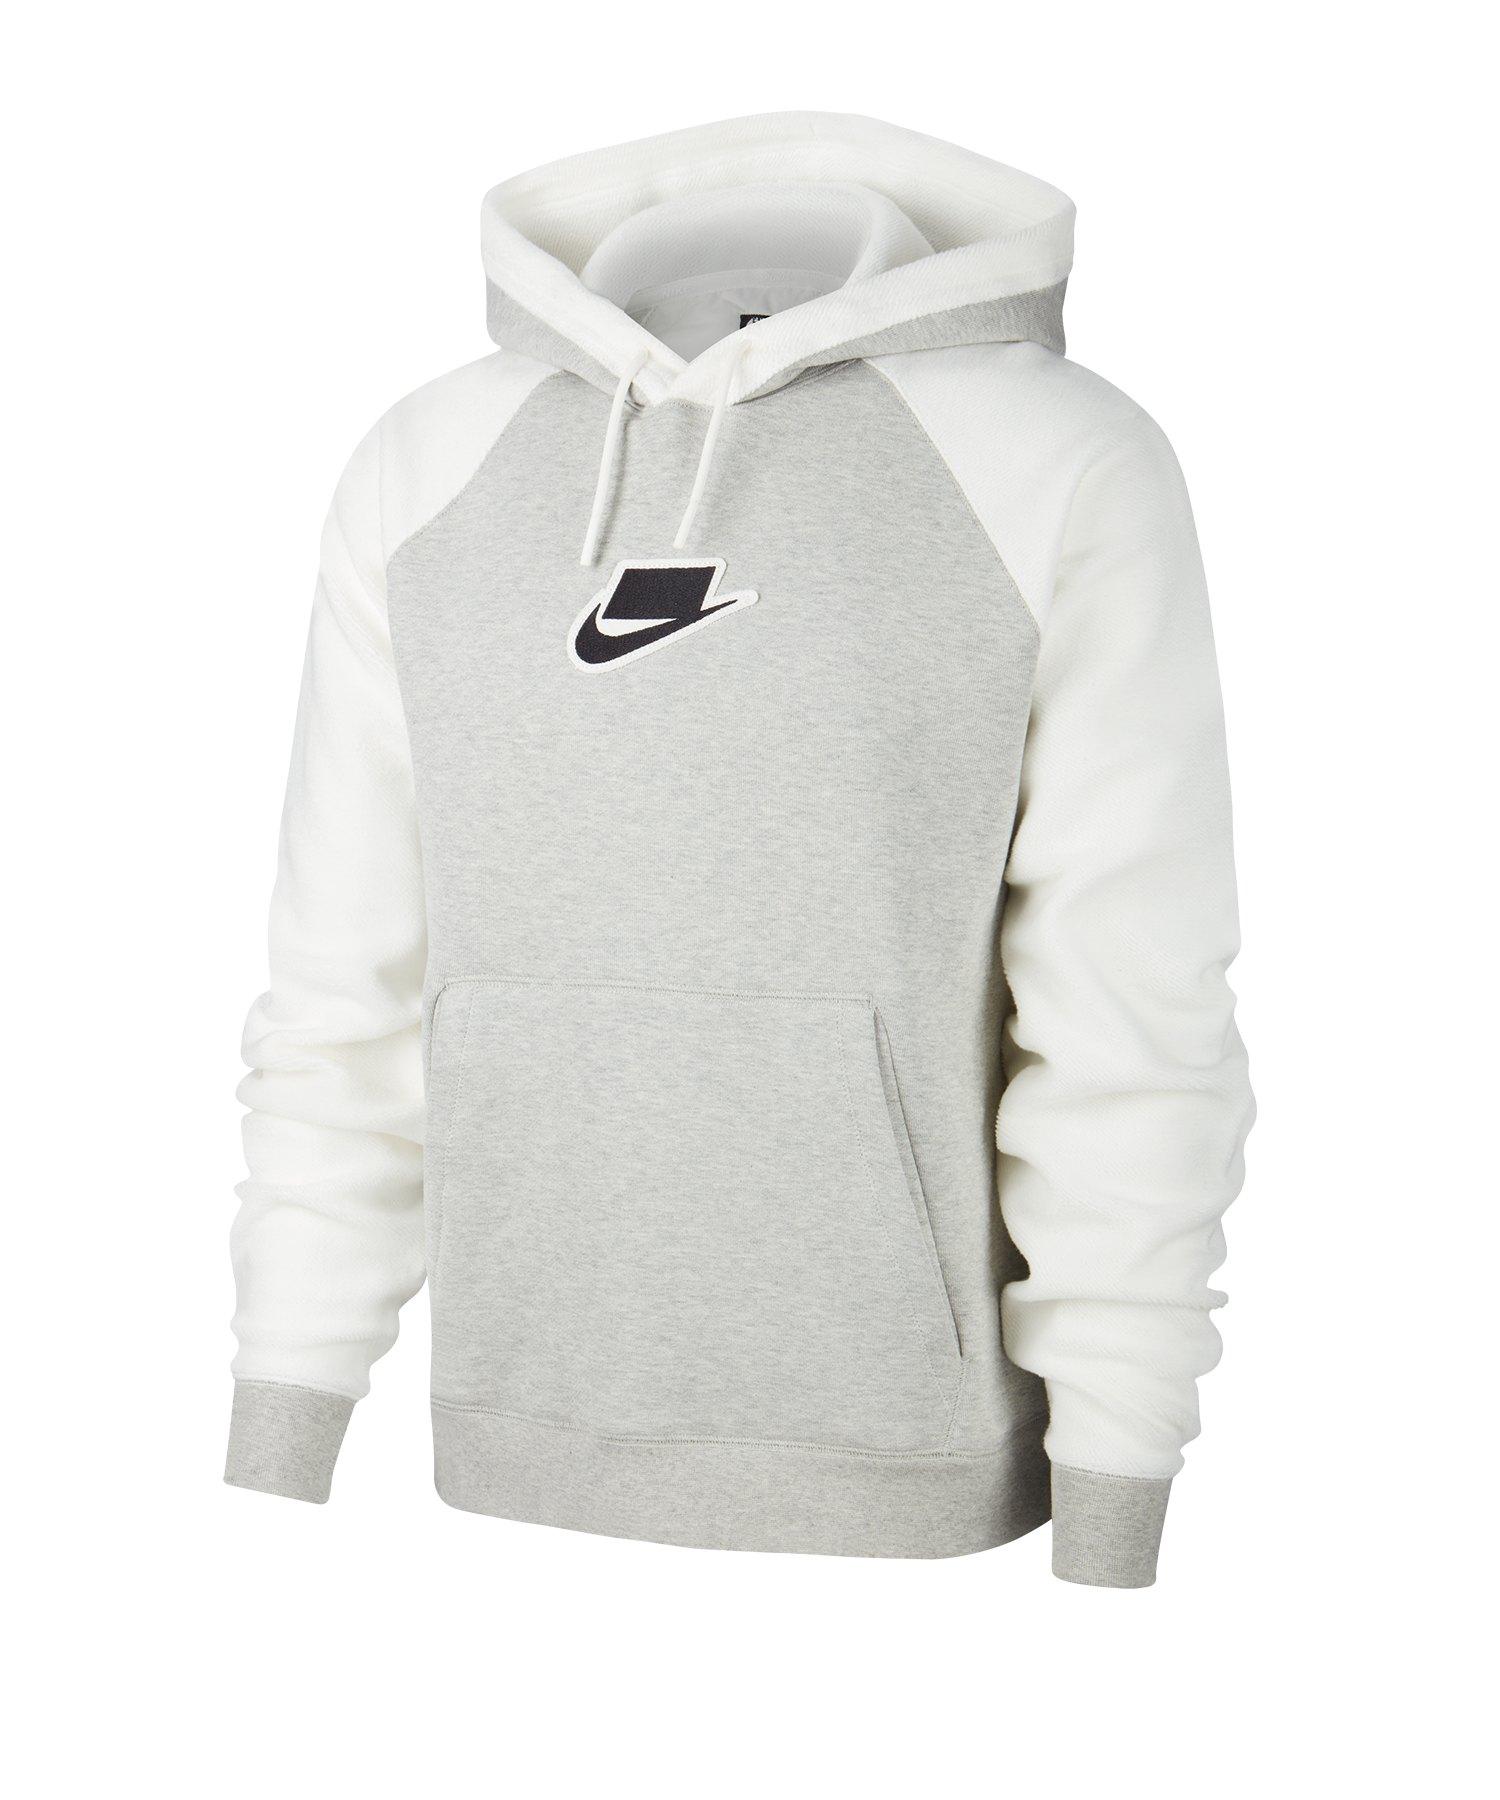 Nike Kapuzensweatshirt Hoody Grau F050 - grau